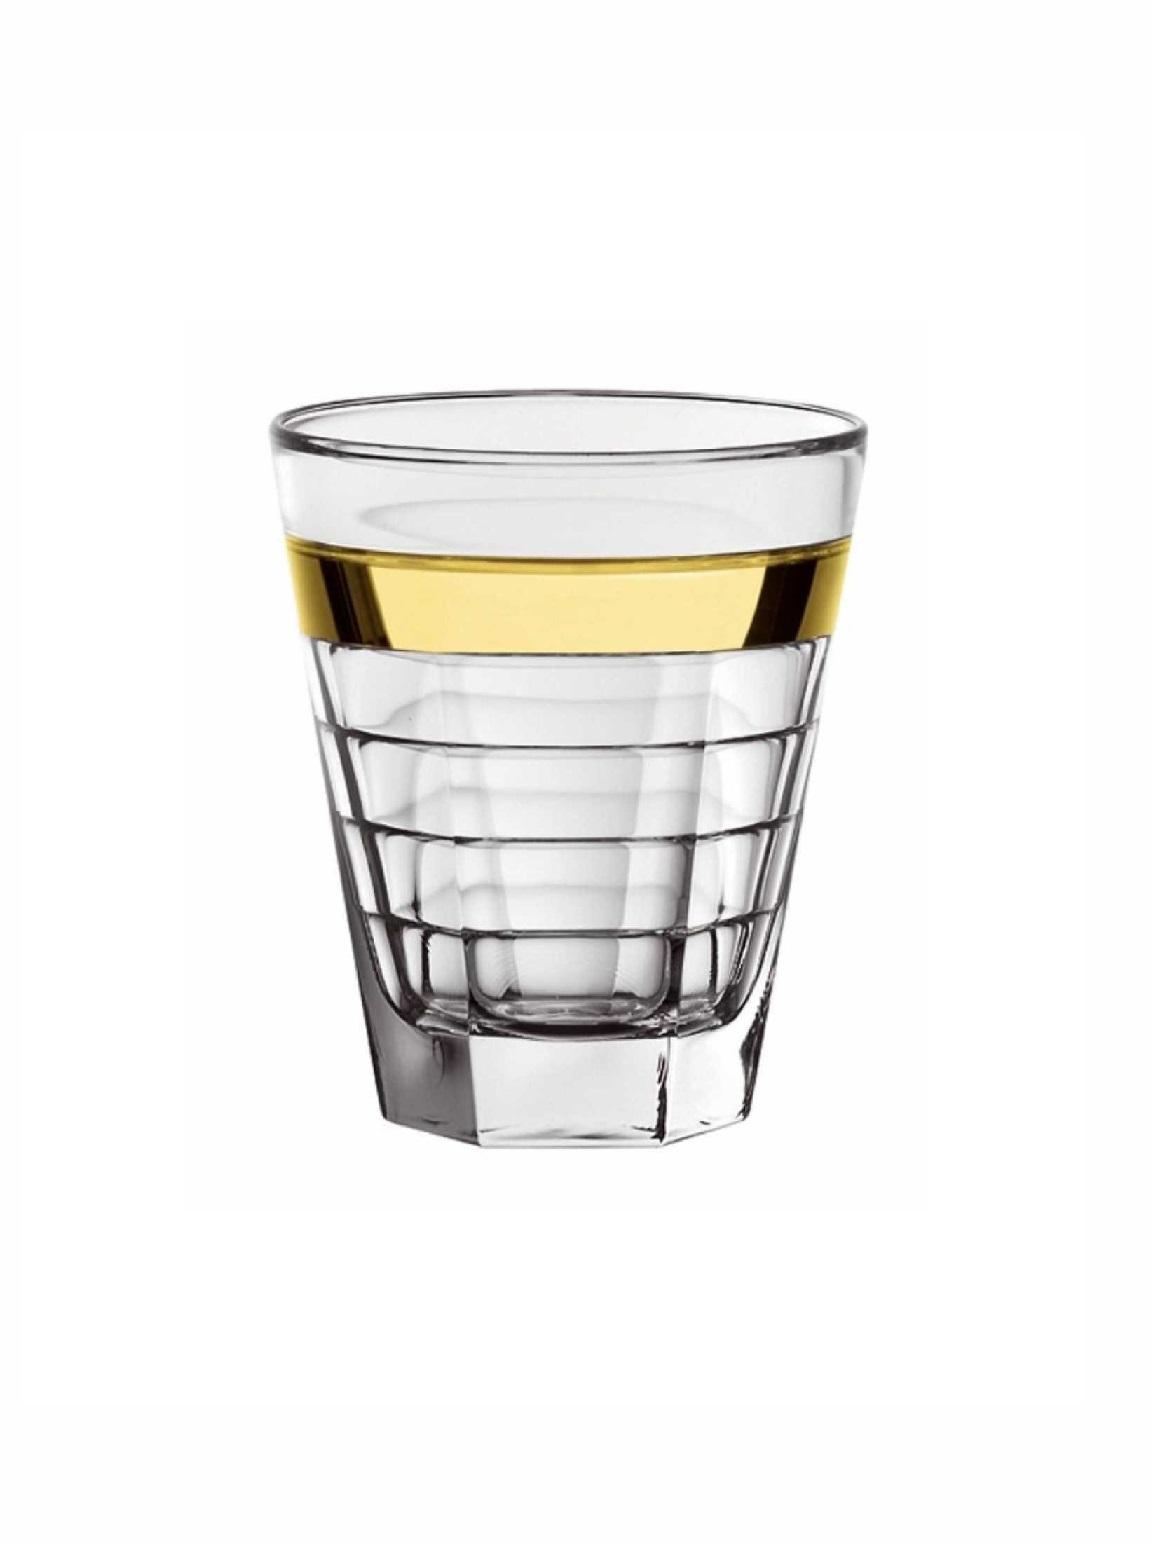 Стакан для воды/сока стеклянный Vidivi BAGUETTE, объем 0,28 л, высота 10 см, прозрачный Vidivi 64427EM фото 1